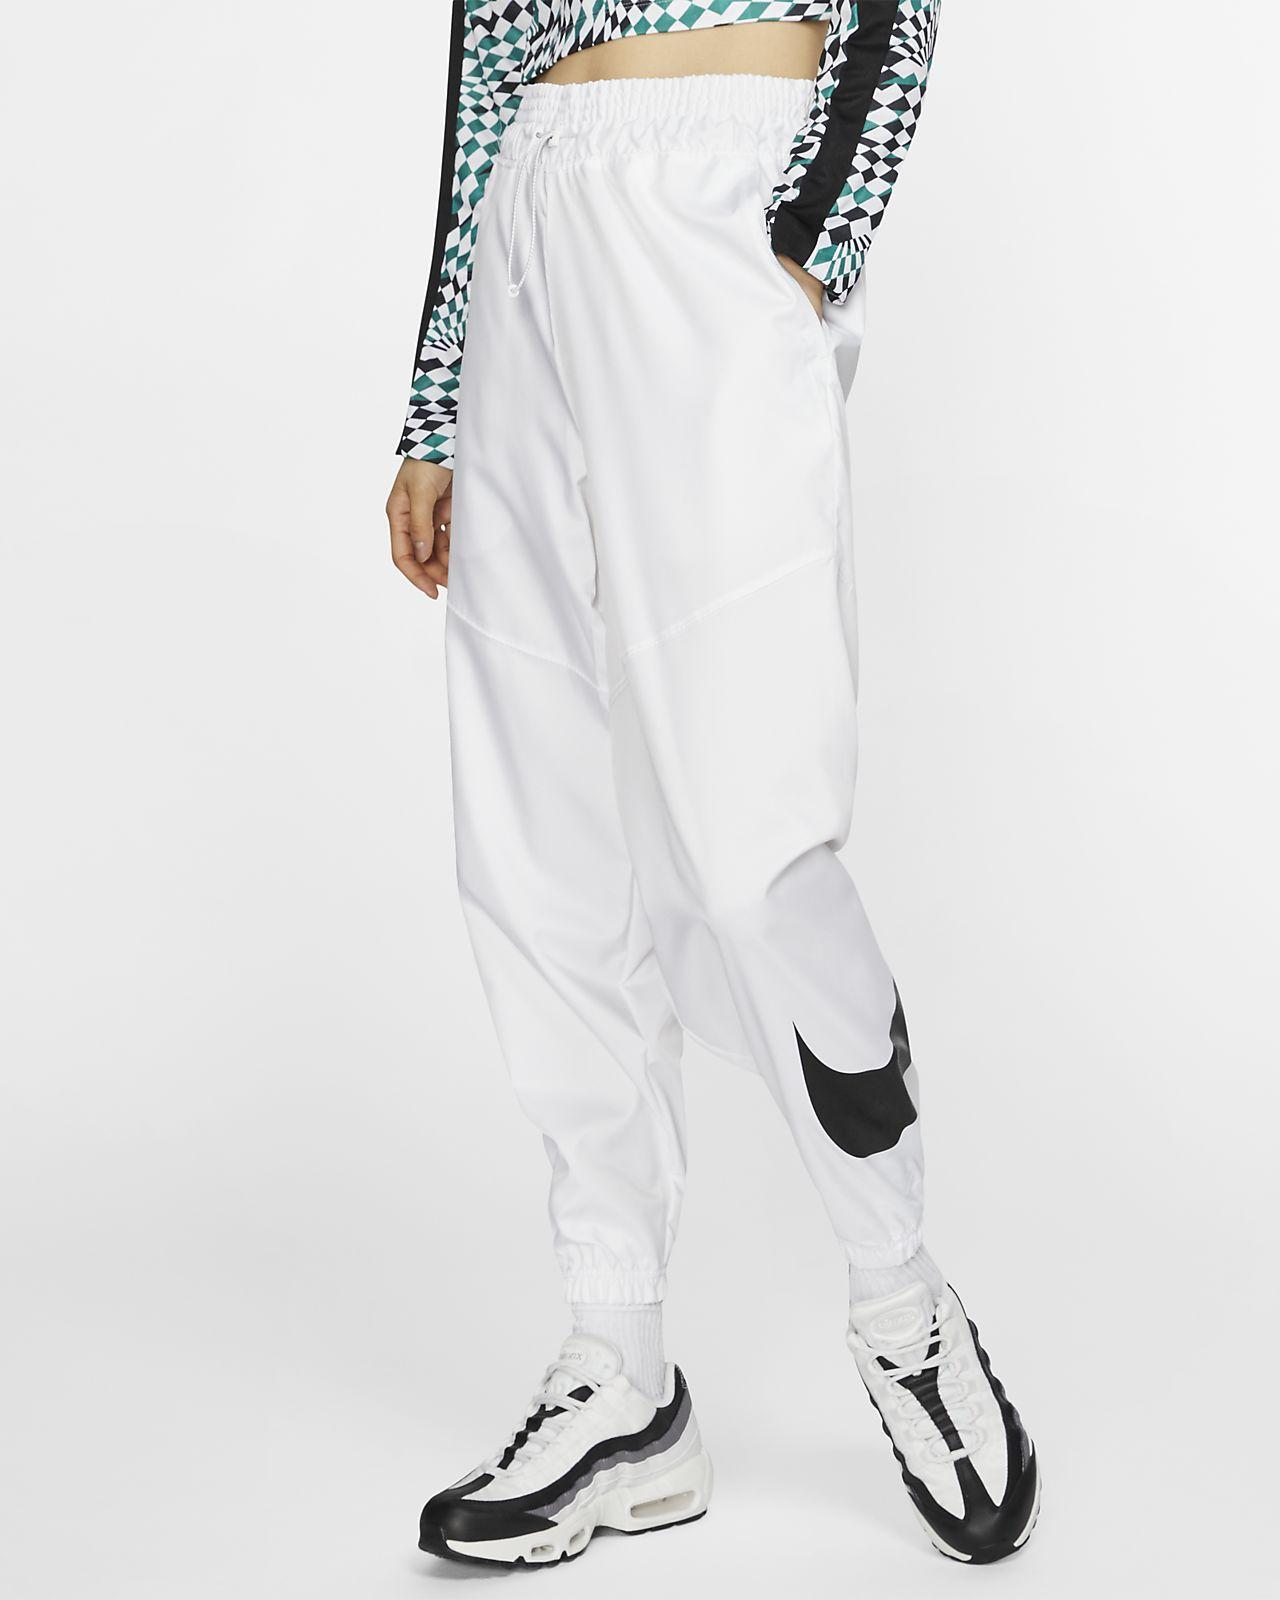 Nike Sportswear Swoosh Webhose